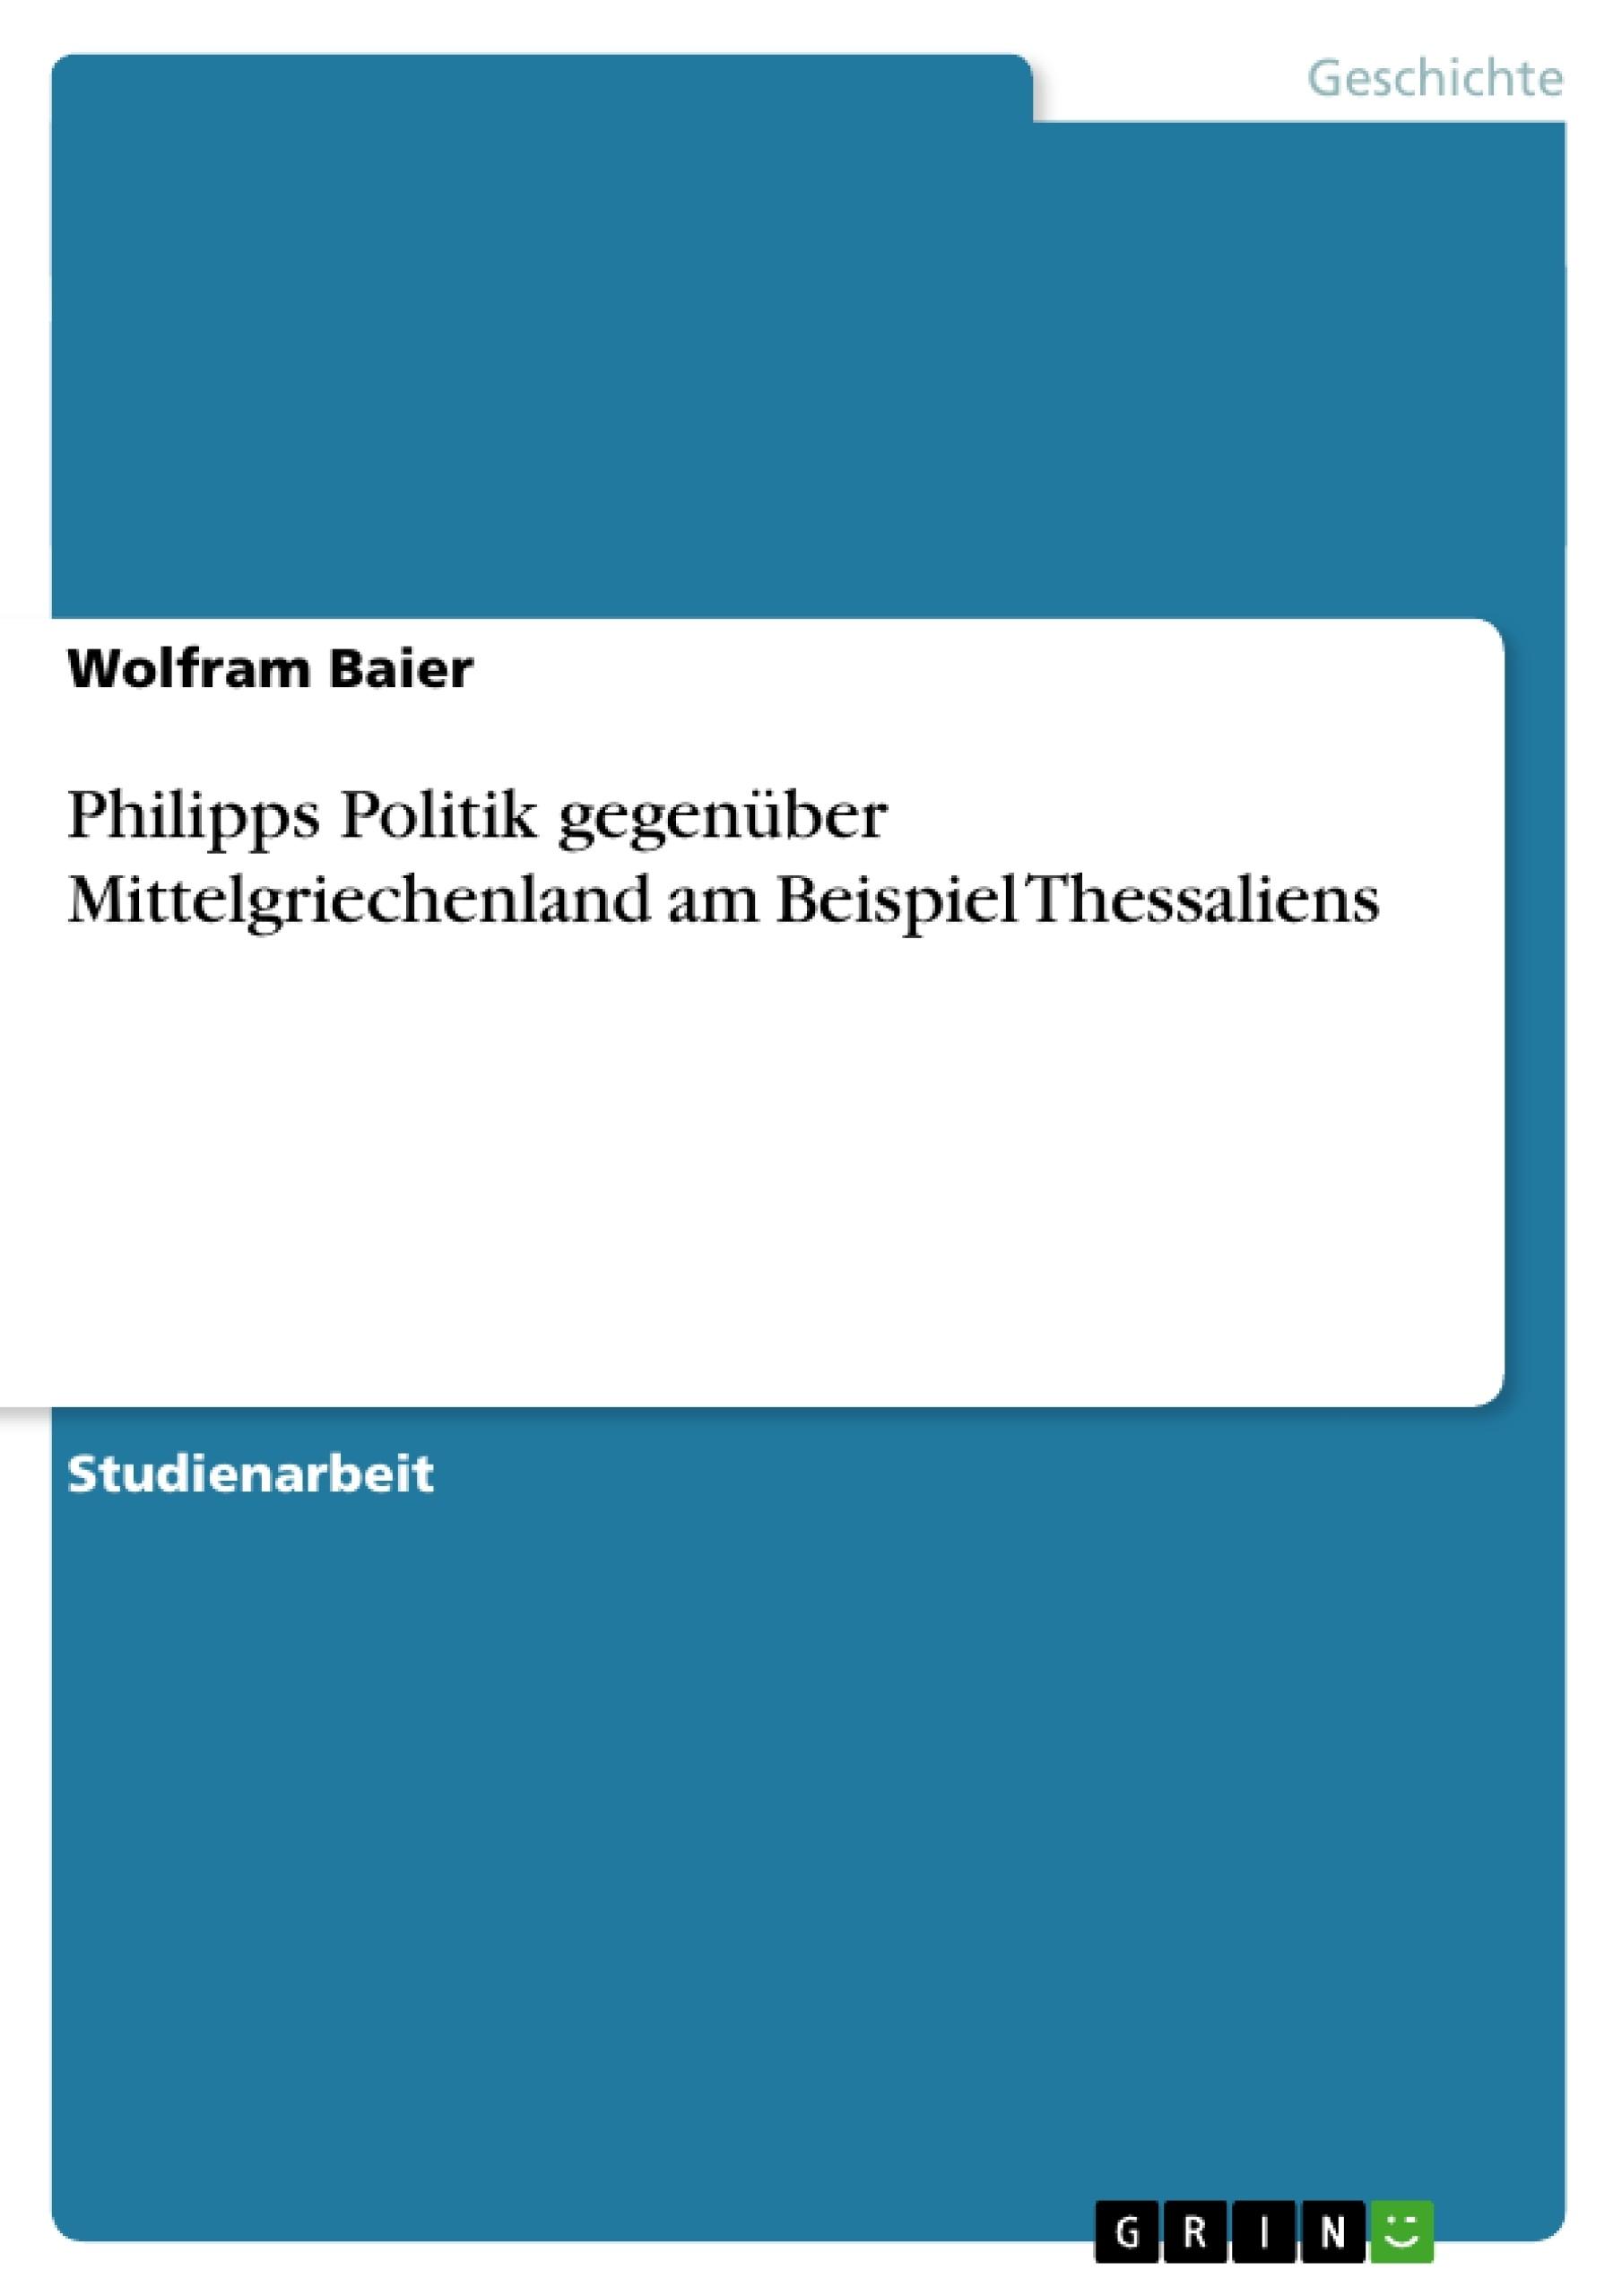 Titel: Philipps Politik gegenüber Mittelgriechenland am Beispiel Thessaliens